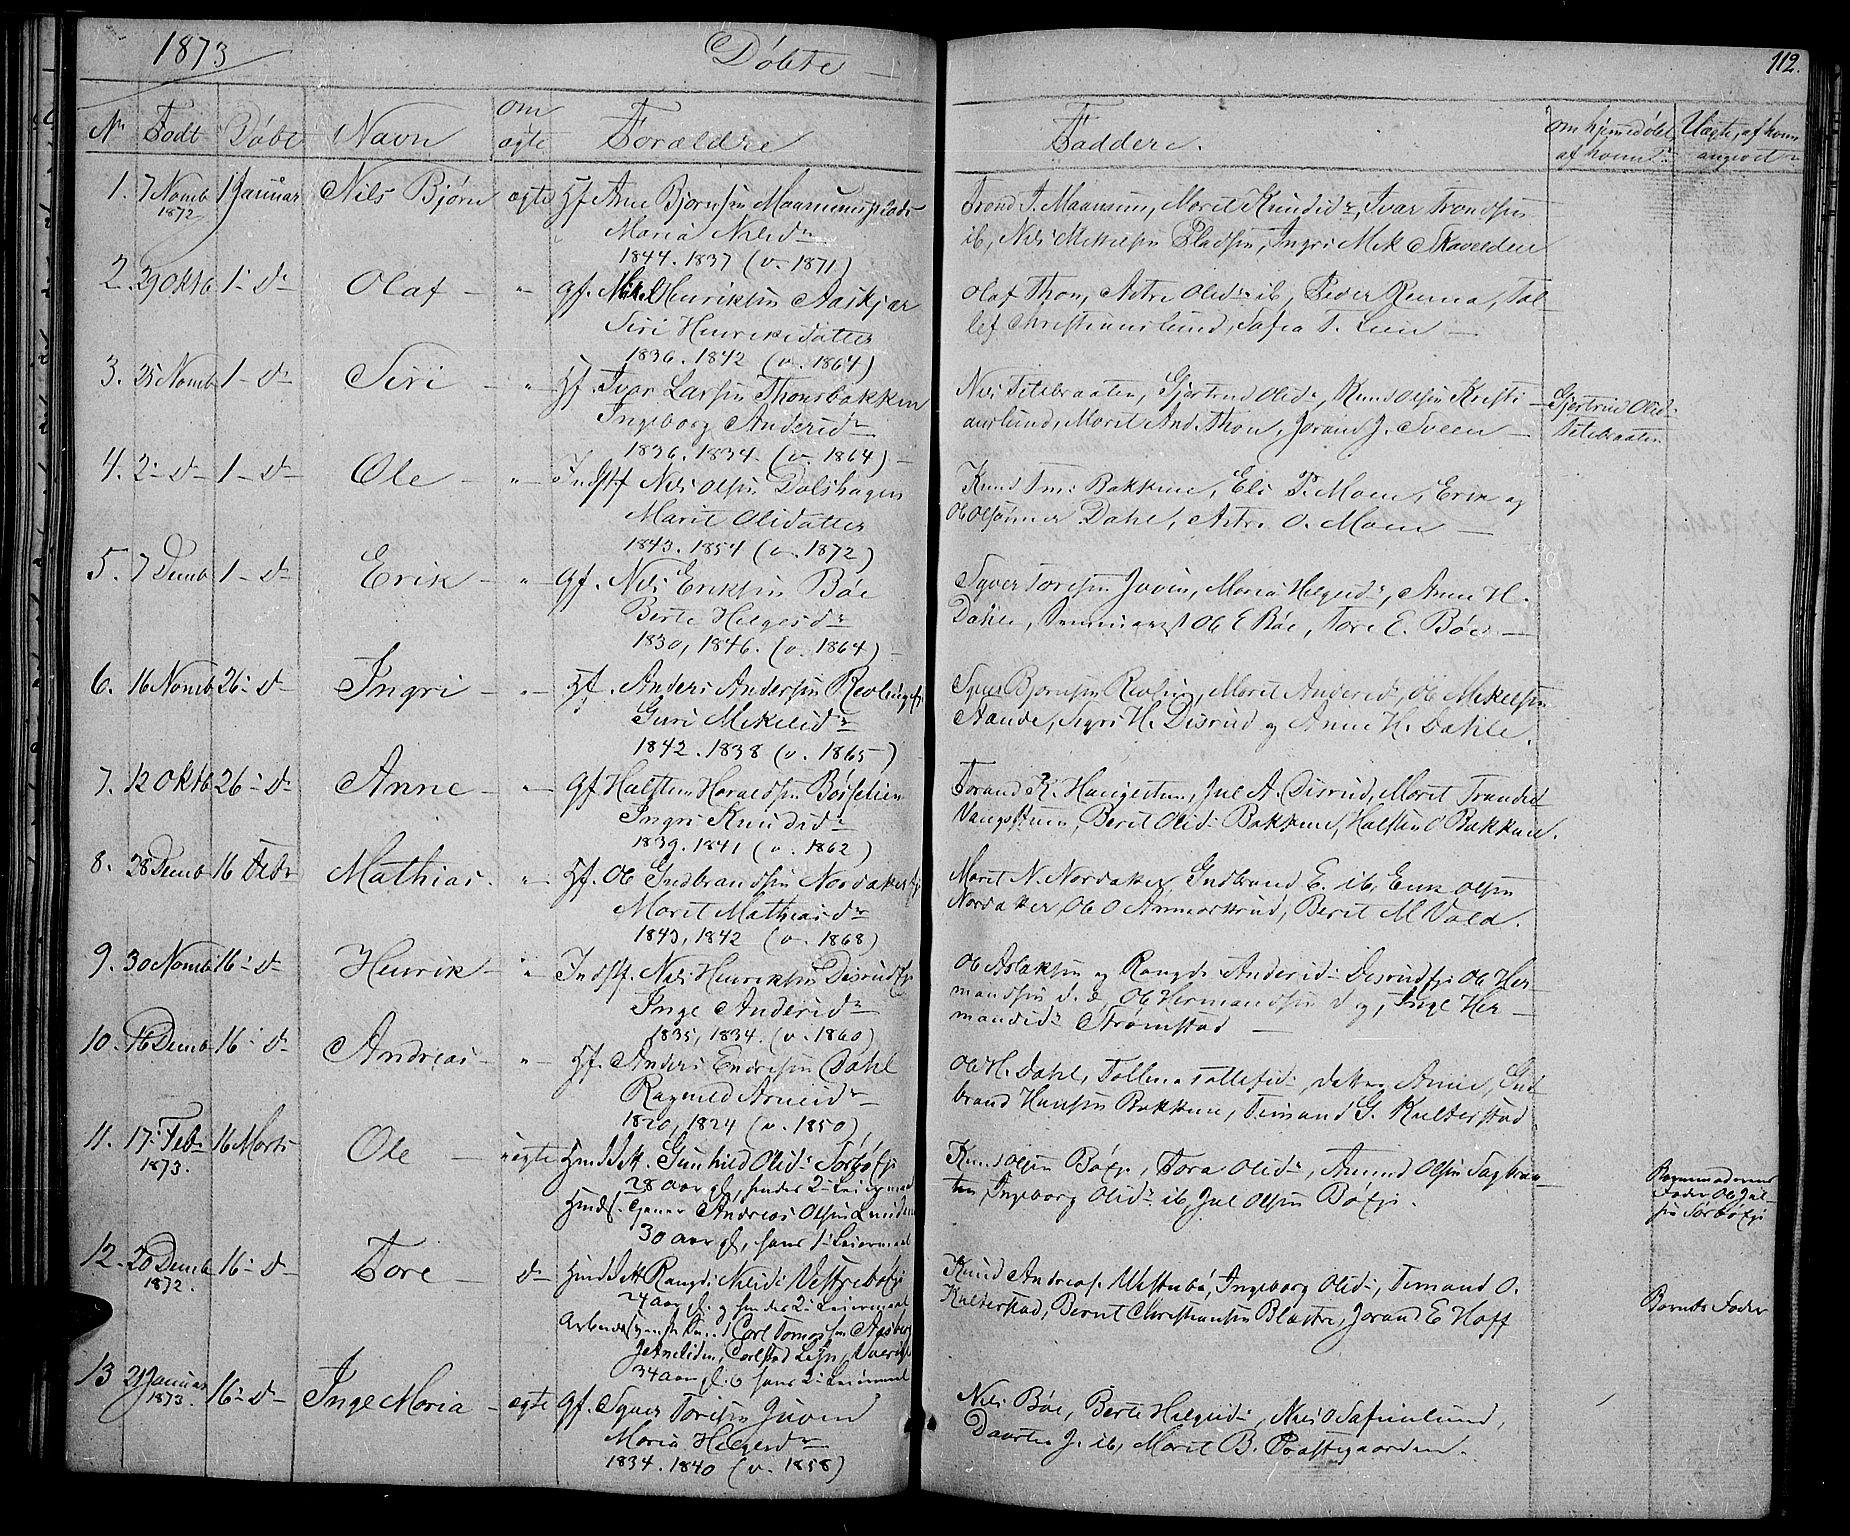 SAH, Nord-Aurdal prestekontor, Klokkerbok nr. 2, 1842-1877, s. 112